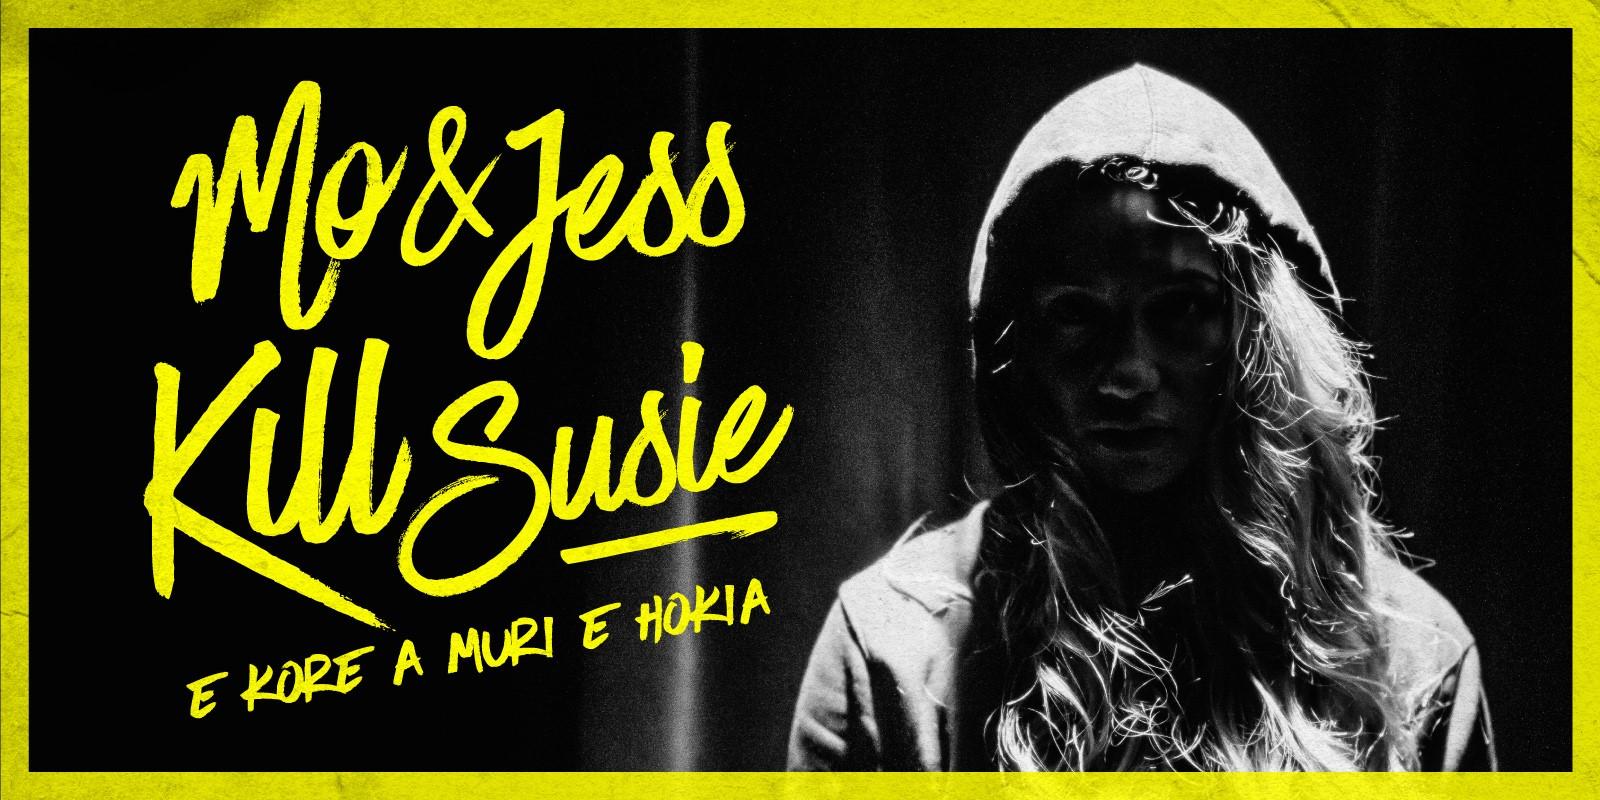 Mo & Jess Kill Susie (E Kore A Muri E Hokia)